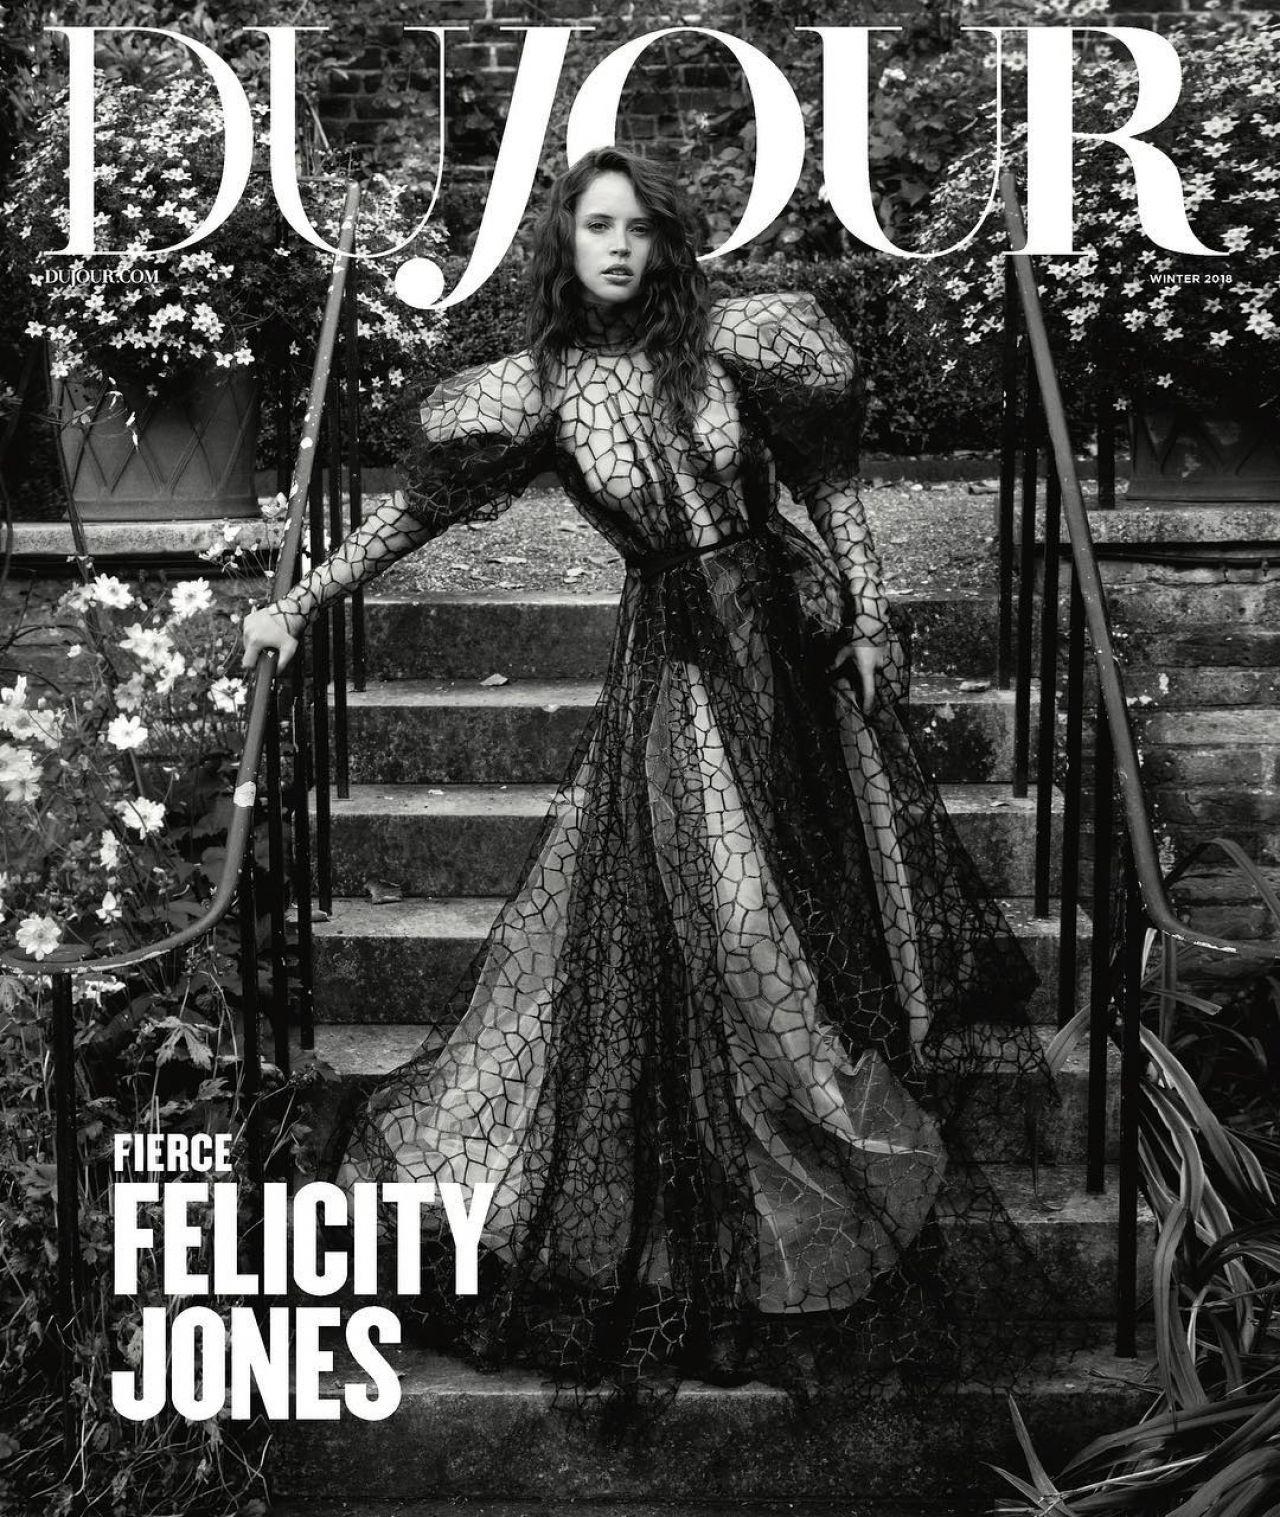 https://celebmafia.com/wp-content/uploads/2018/11/felicity-jones-photoshoot-for-dujour-magazine-november-2018-0.jpg